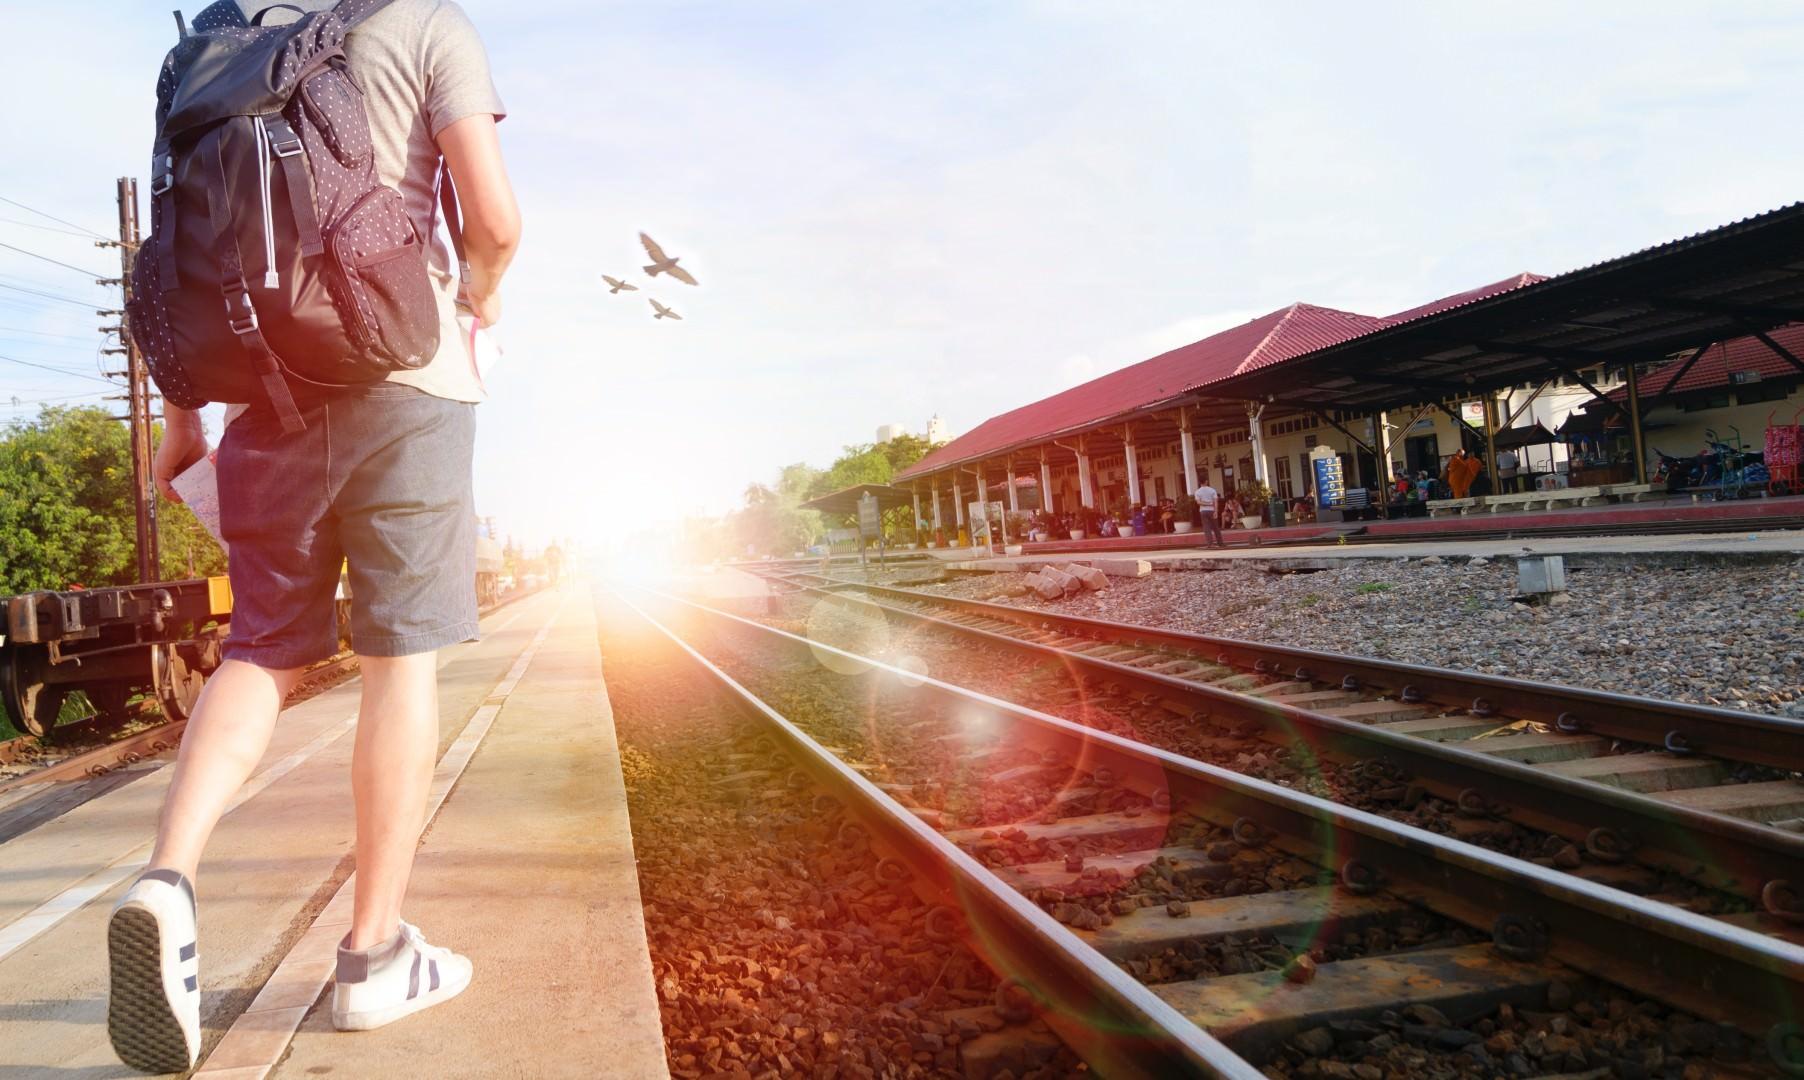 Torby podróżne czy plecak podróżny – jaki wybór będzie najlepszy?